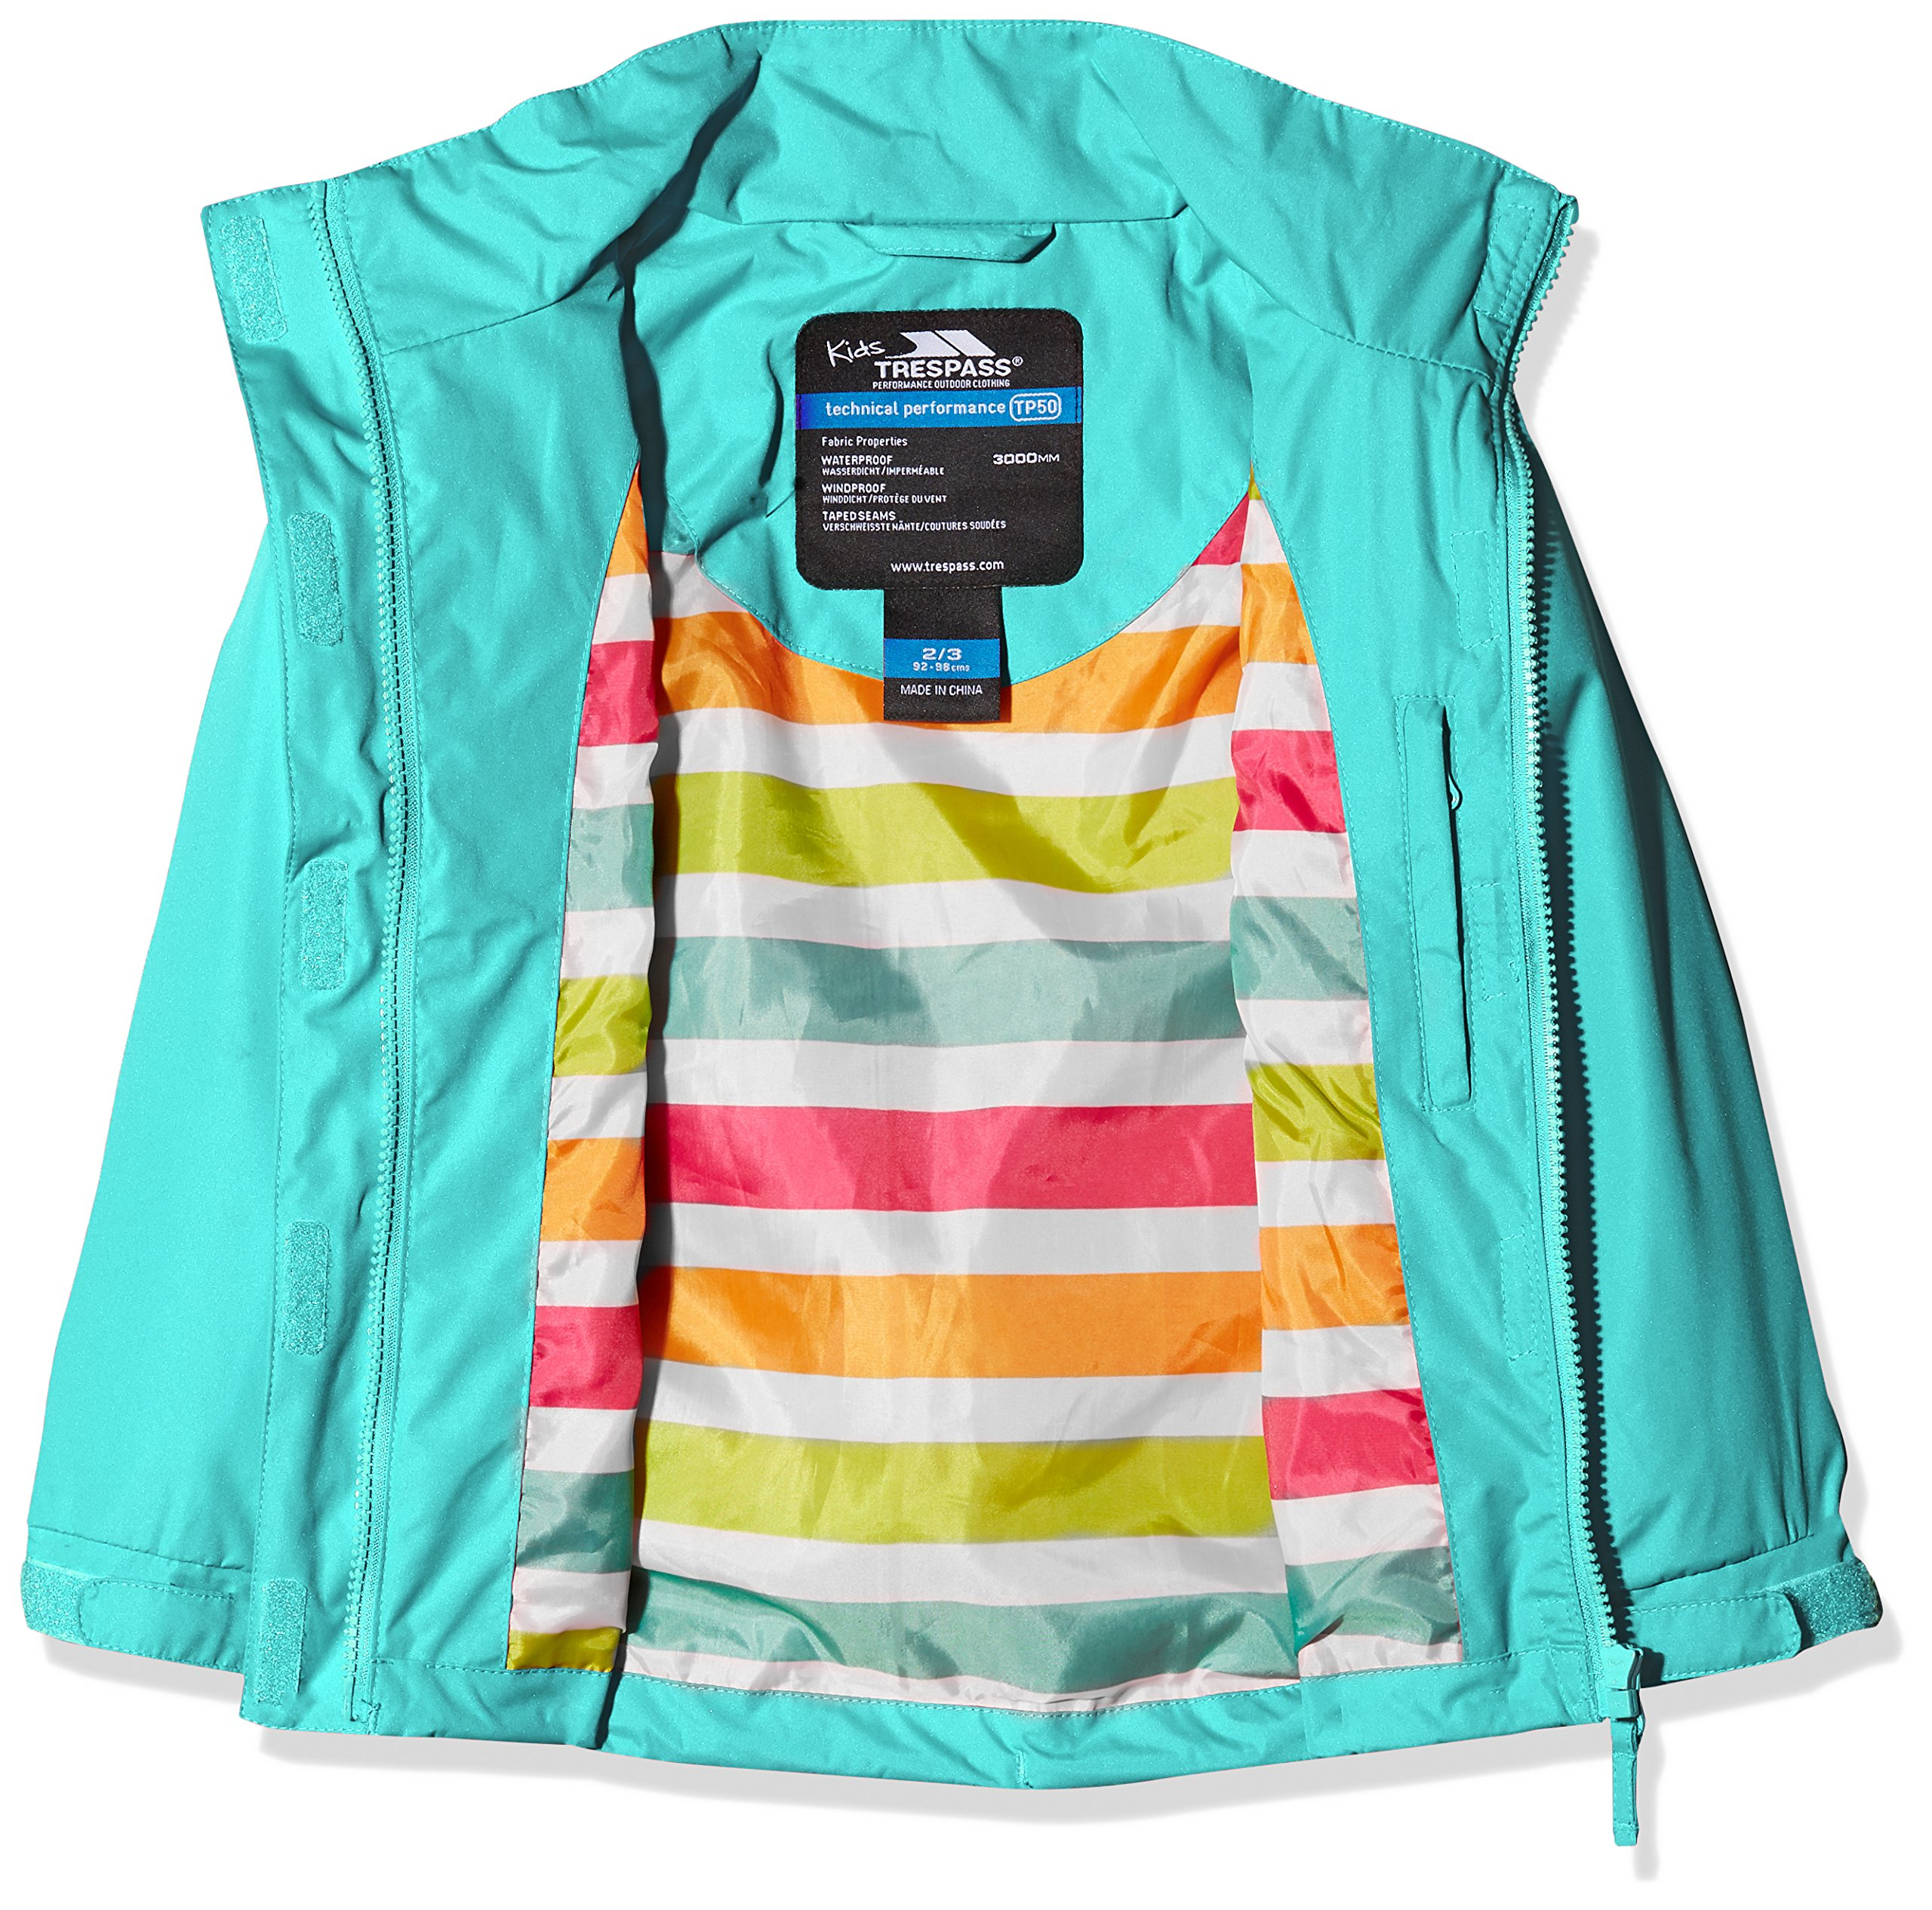 Trespass Kids' Lunaria Waterproof Rain/Outdoor Jacket 3